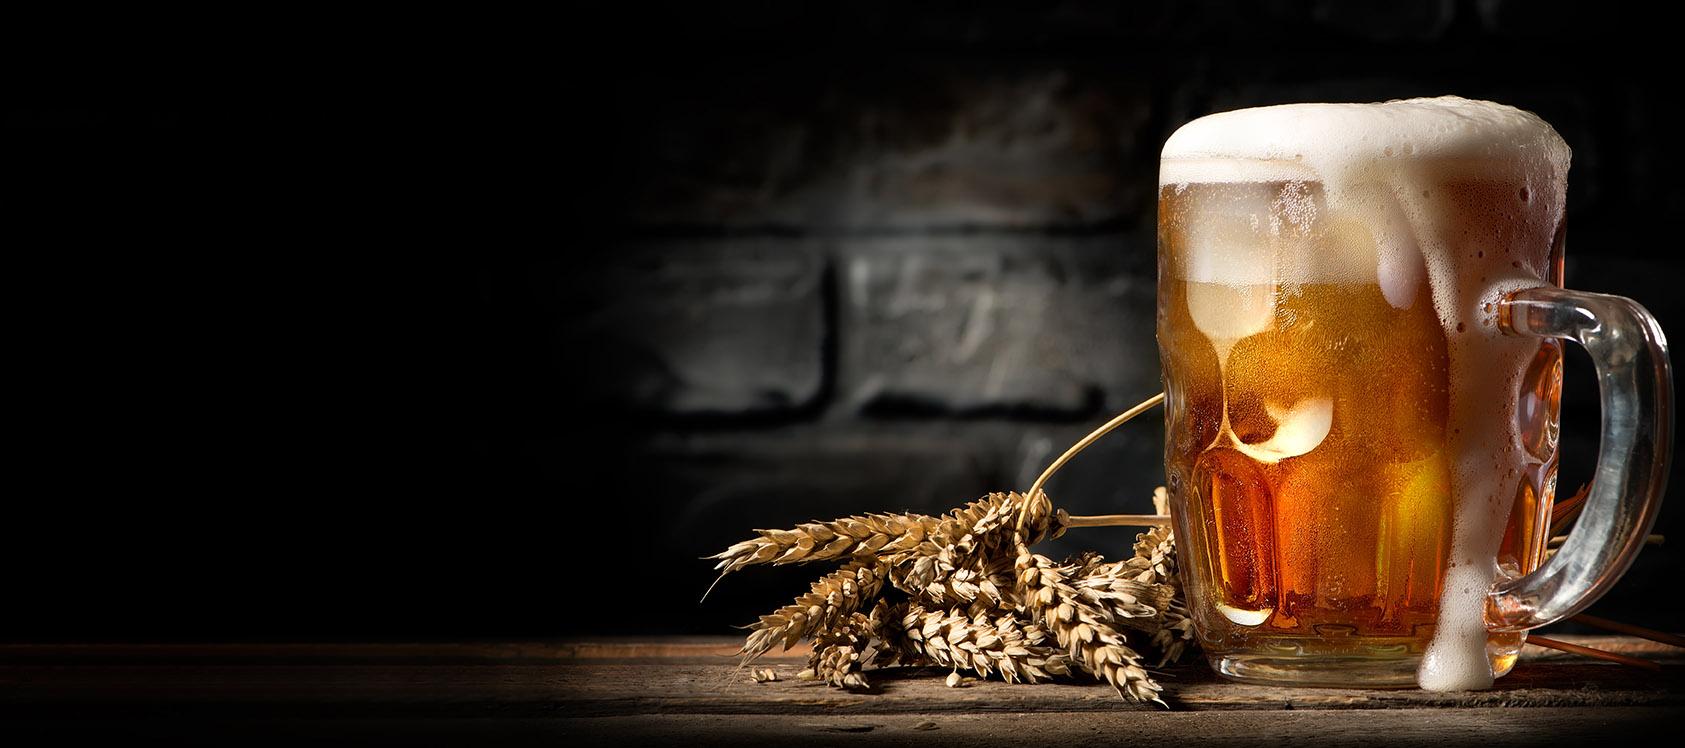 birre a bassa fermentazione